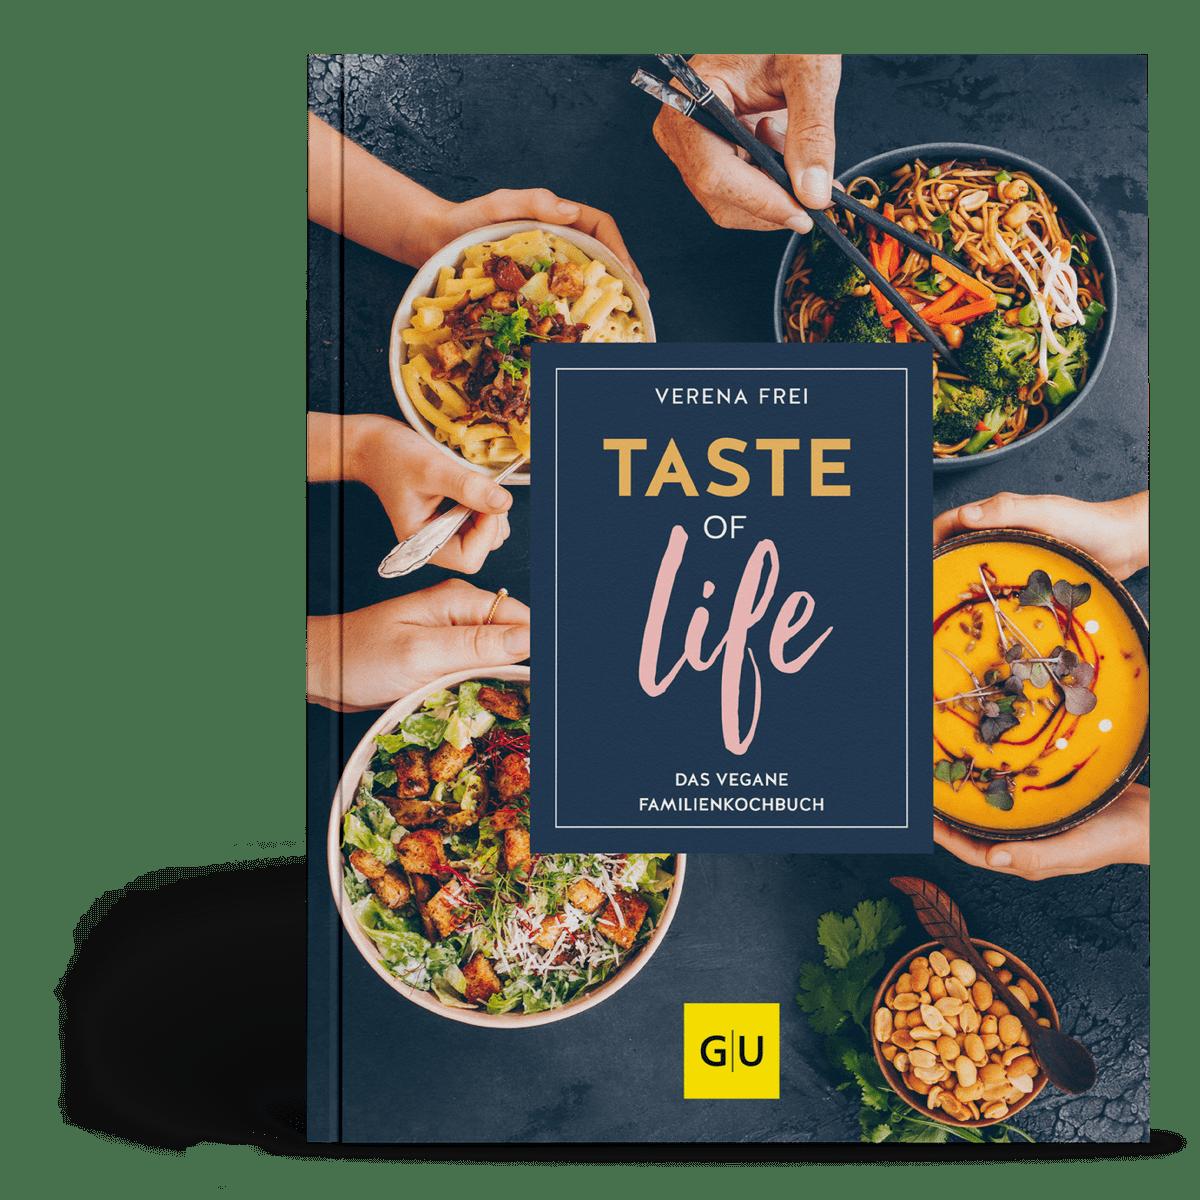 Taste-Of-Life-Das-vegane-Kochbuch-Verena-Frei